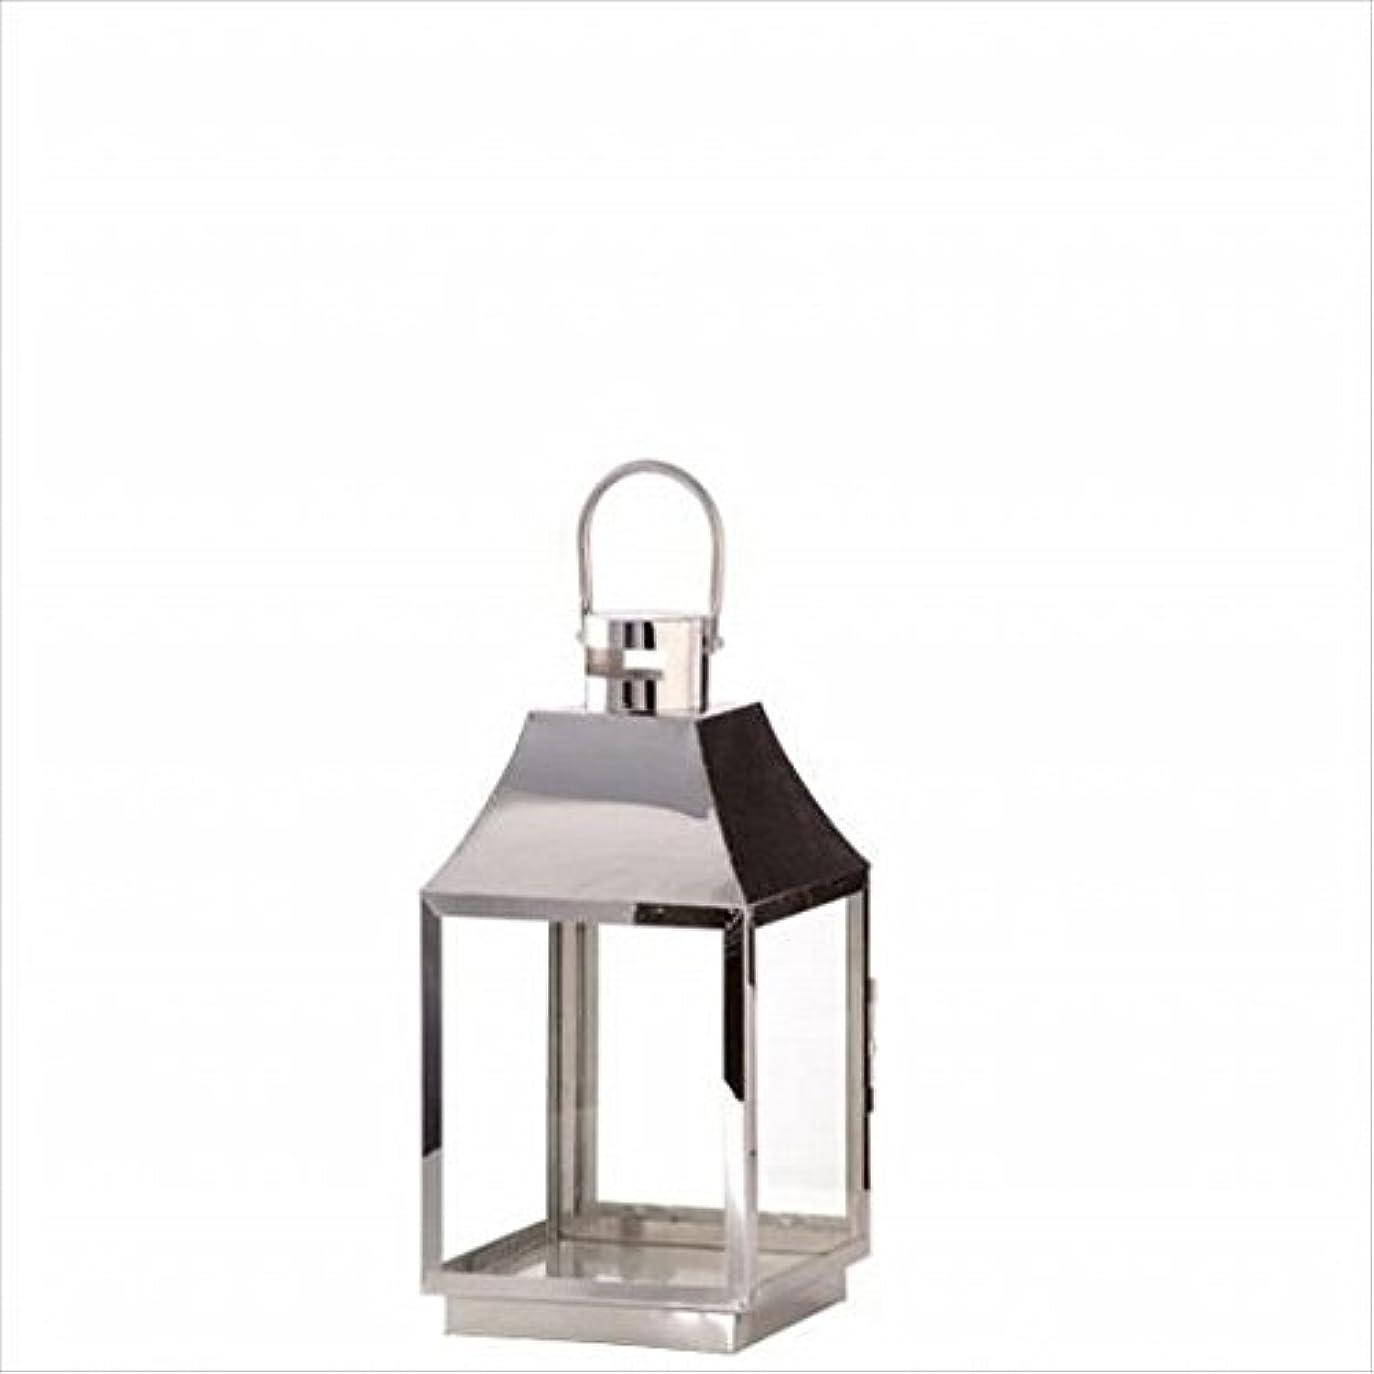 罰活性化する影kameyama candle(カメヤマキャンドル) ベーシックランタンM 「 シルバー 」(J2090010SI)